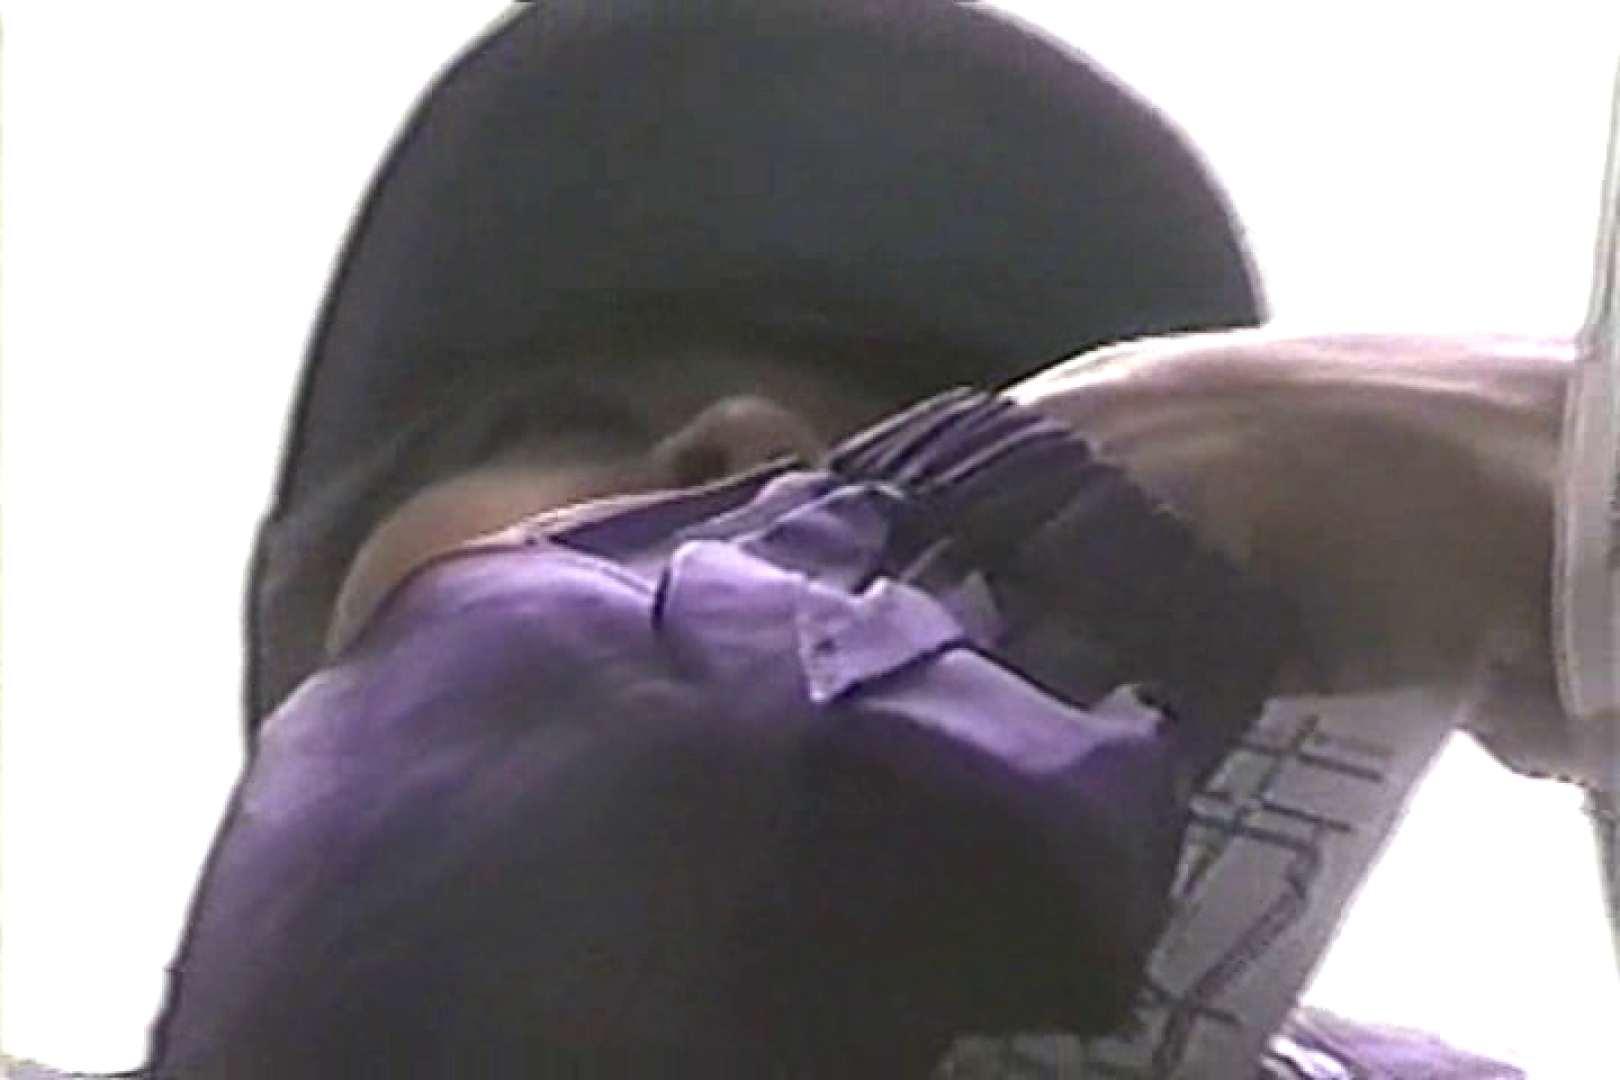 「ちくりん」さんのオリジナル未編集パンチラVol.2_02 潜入 SEX無修正画像 84PIX 23